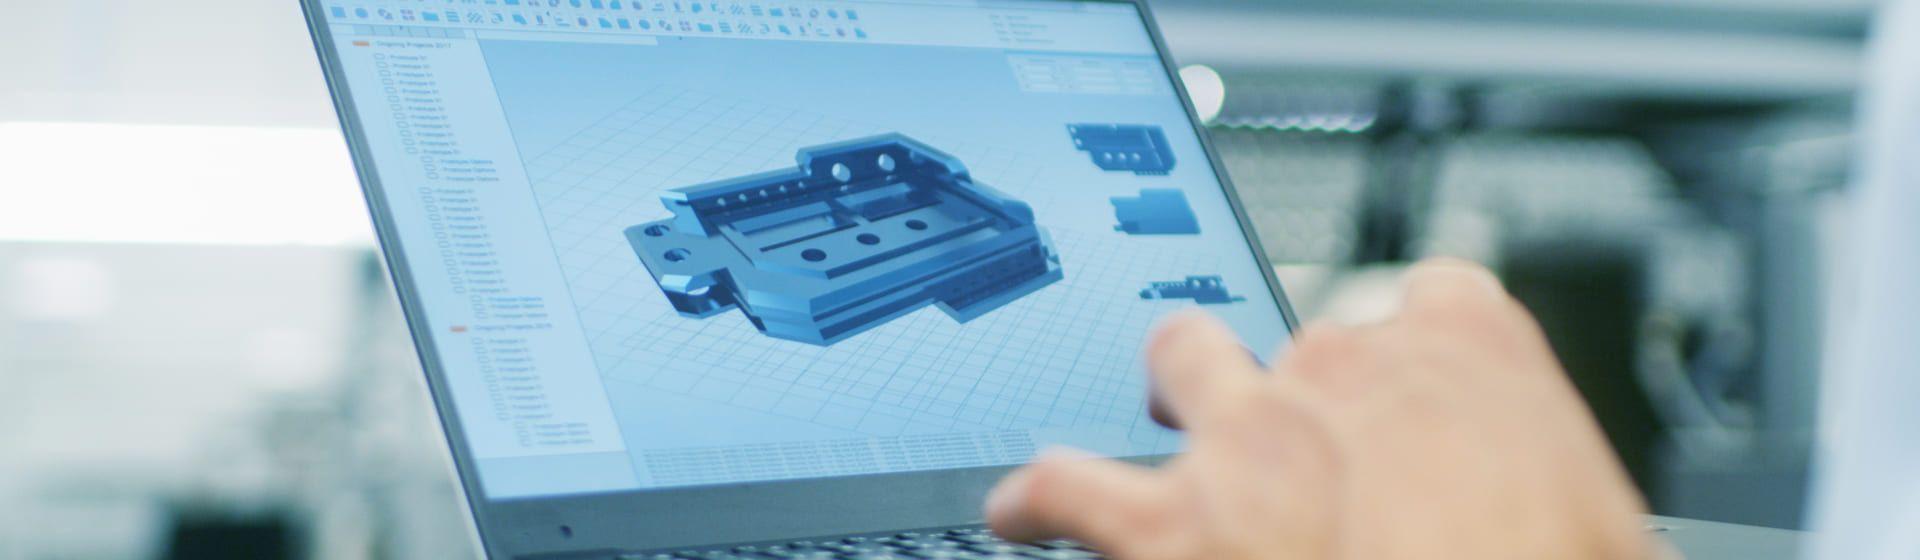 Tela de notebook mostrando programa para engenharia